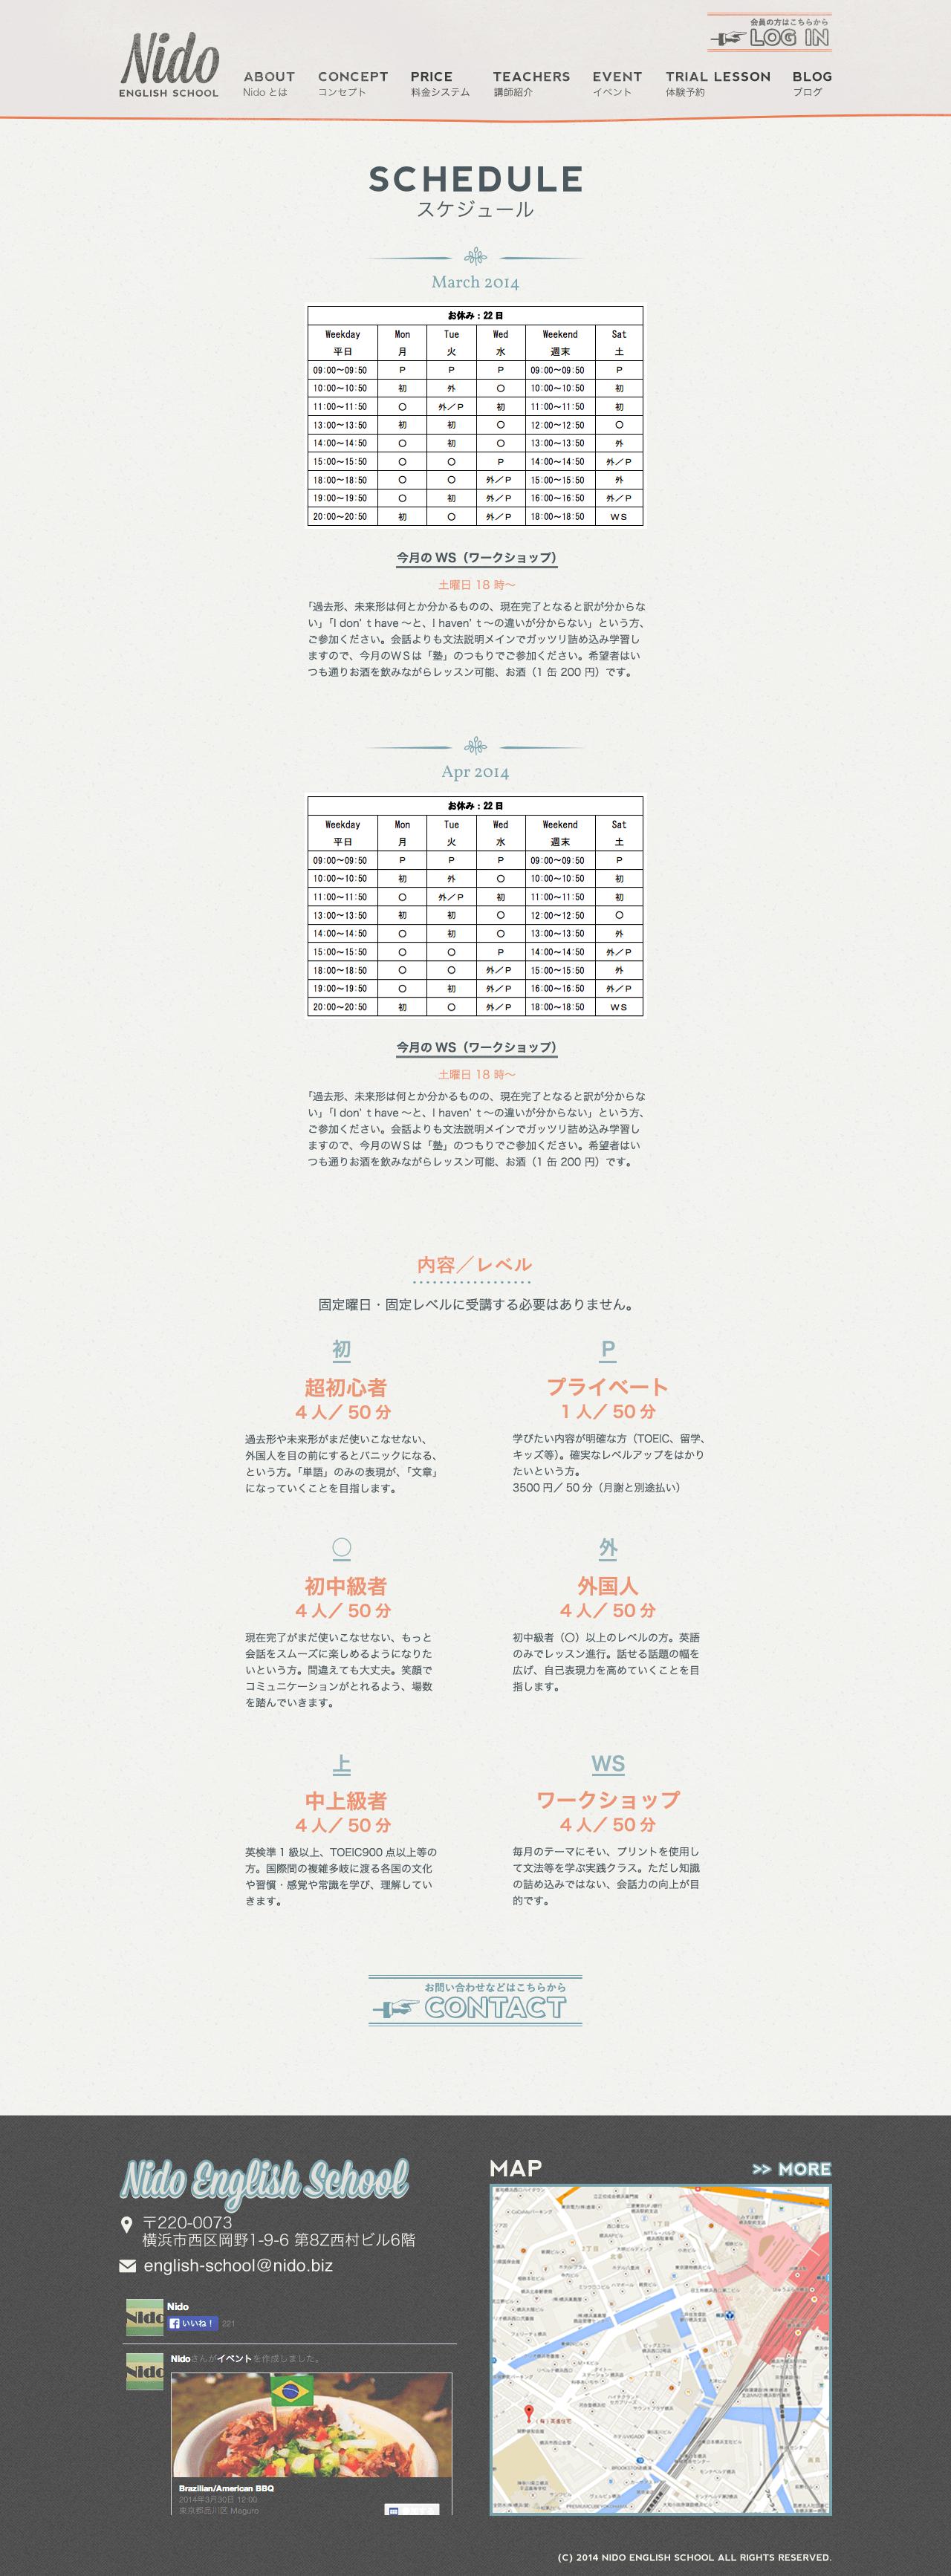 nido_web_schedule